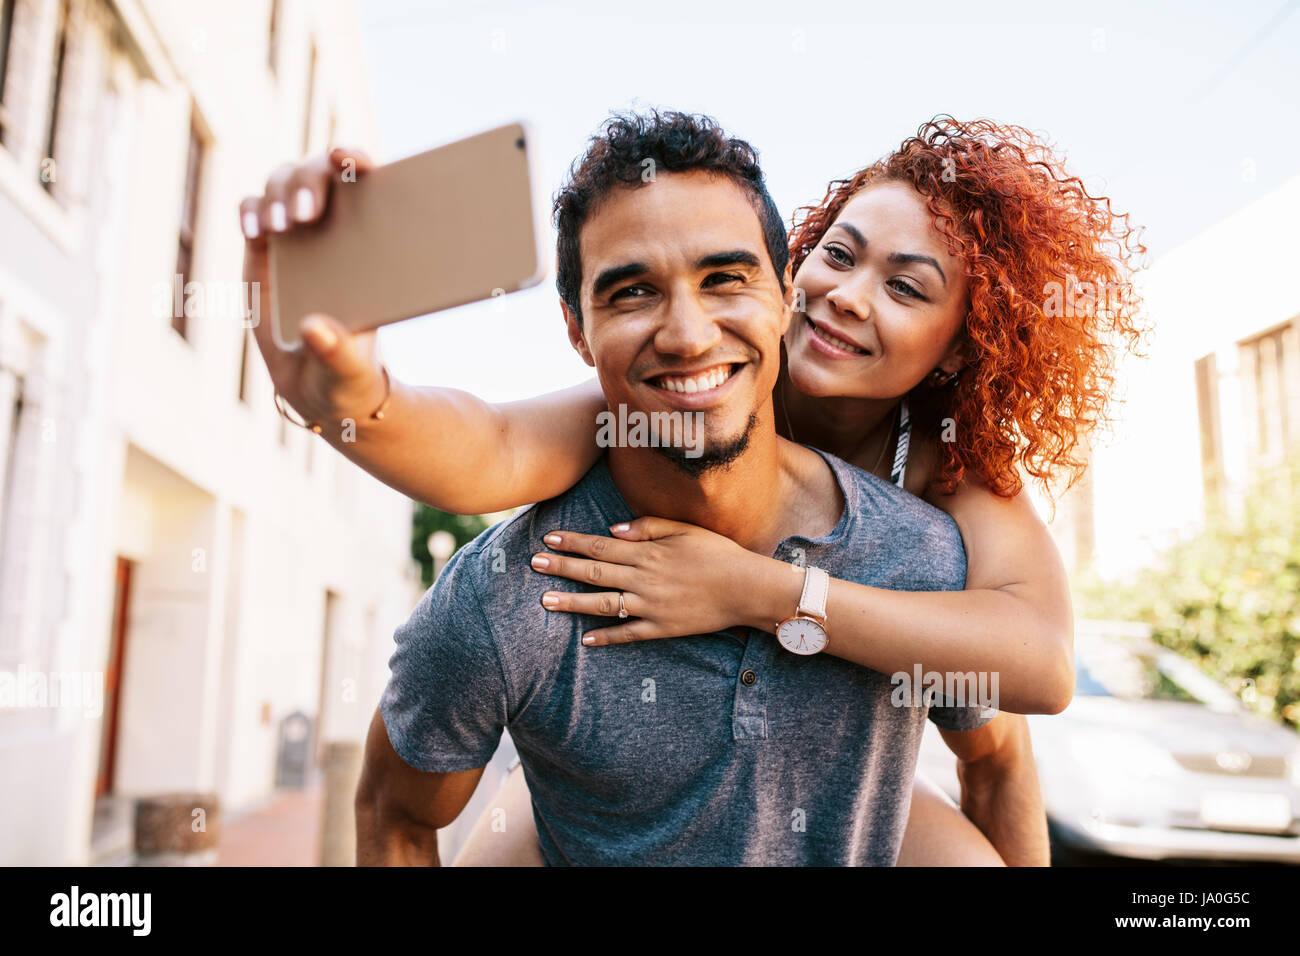 Mujer sonriente caballo piggy back en su compañero mientras toma un selfie con su smartphone. Hombre joven Imagen De Stock